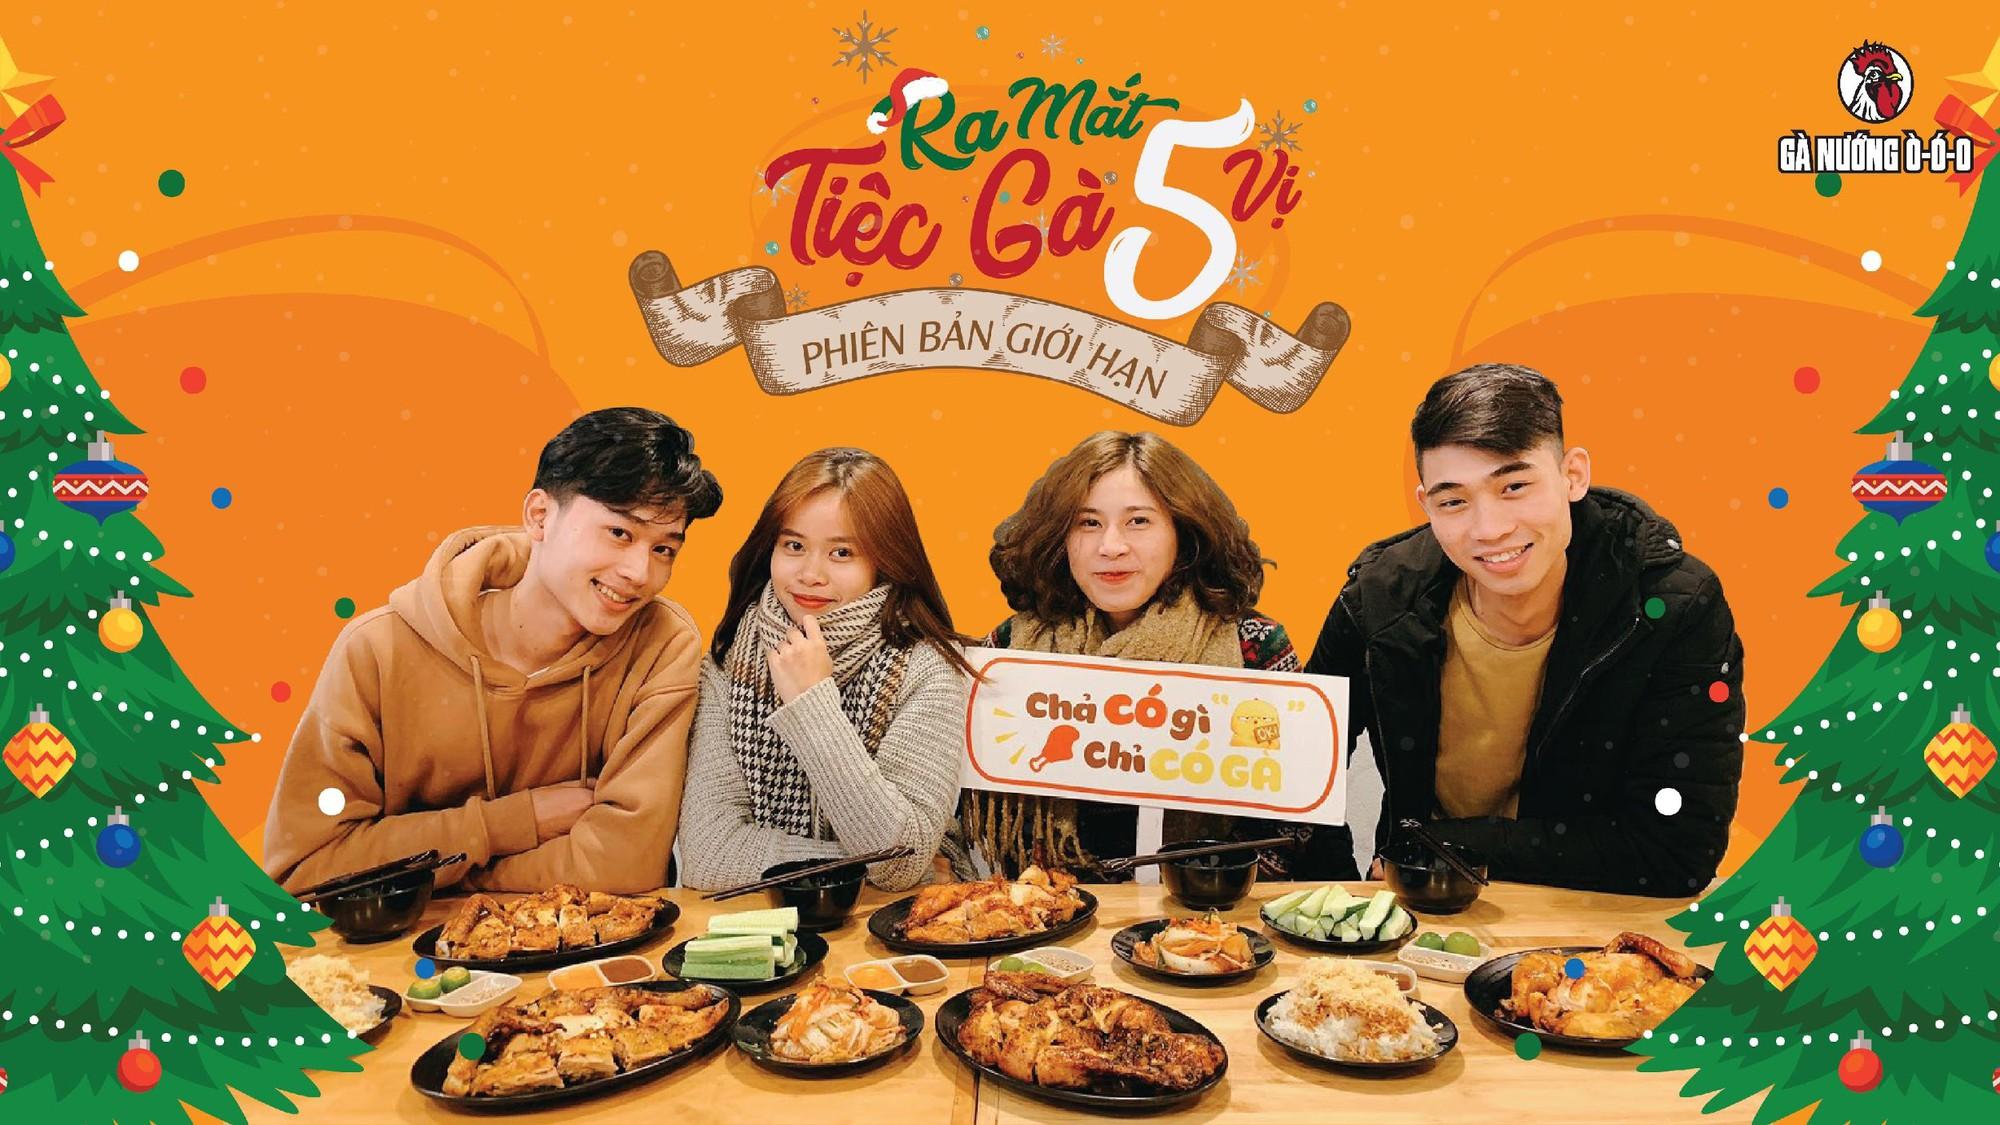 Theo chân người Sài Gòn oanh tạc tiệc gà nướng 5 vị độc lạ ngay giữa Hà Nội mùa đông - Ảnh 1.